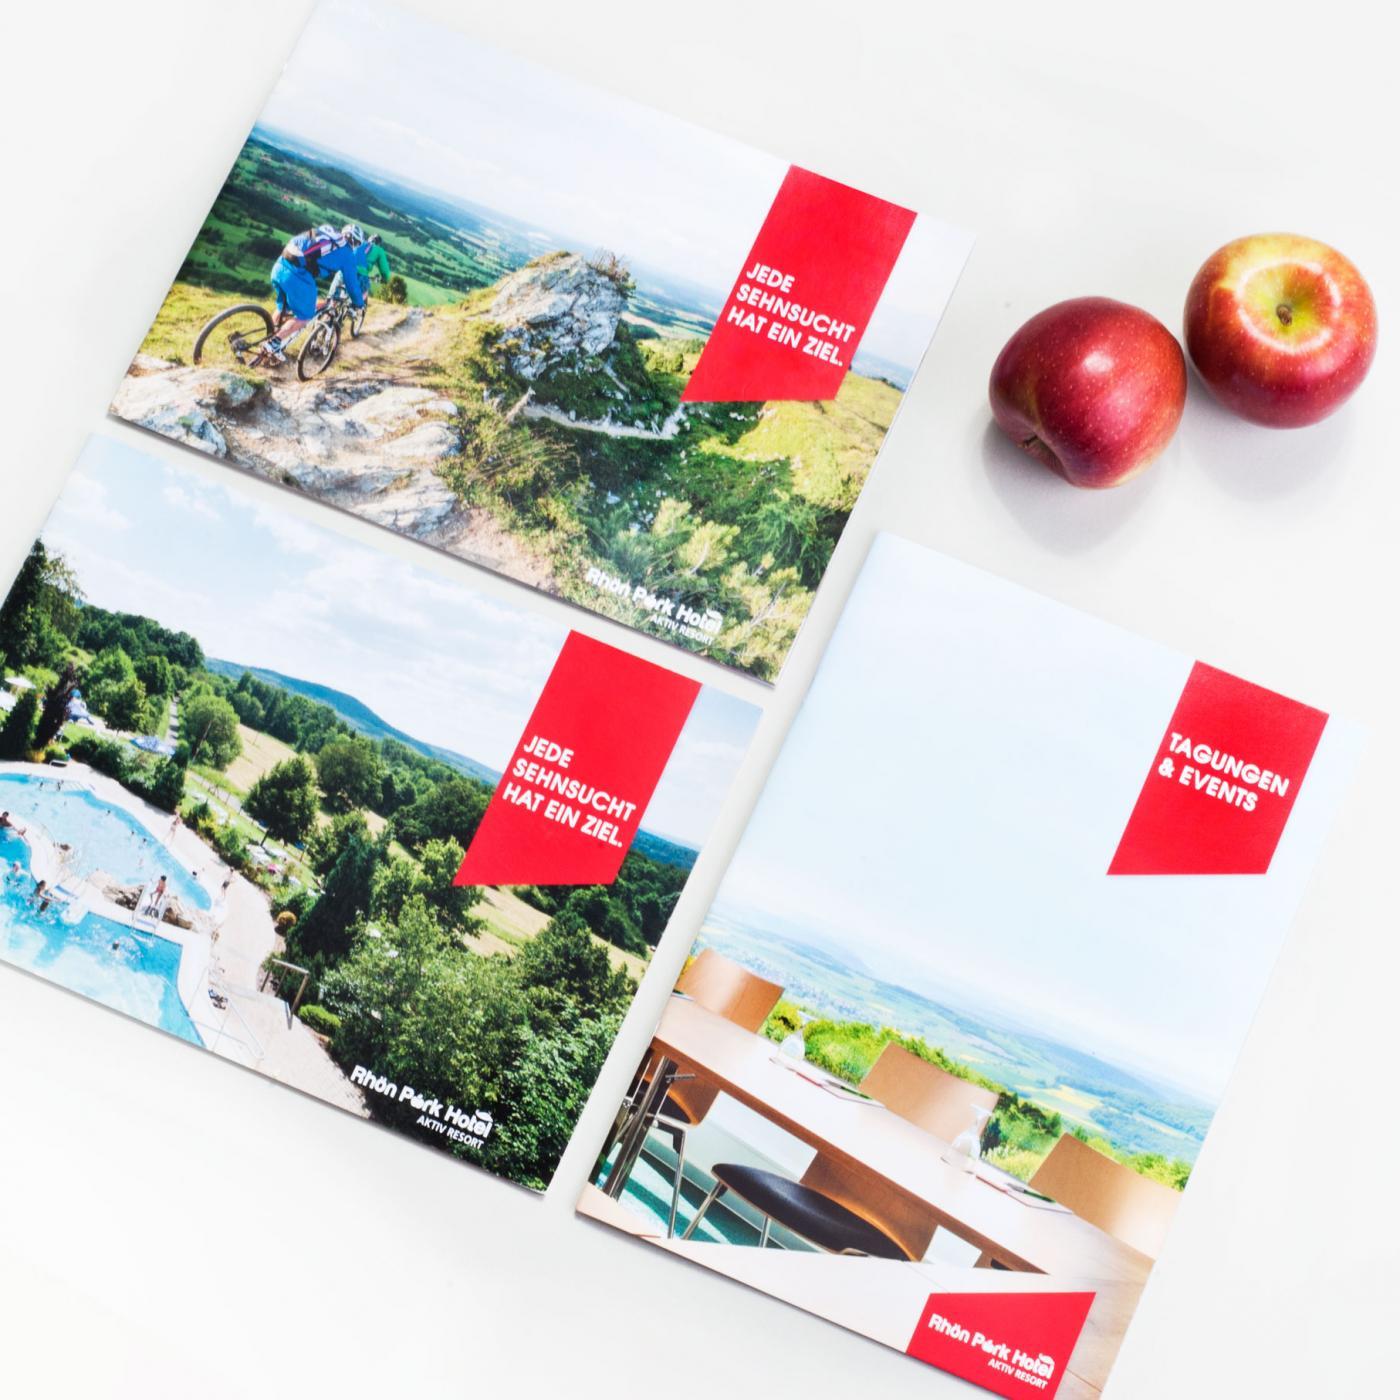 werbeagentur-gronewald-berlin-hotel-visitenkarte